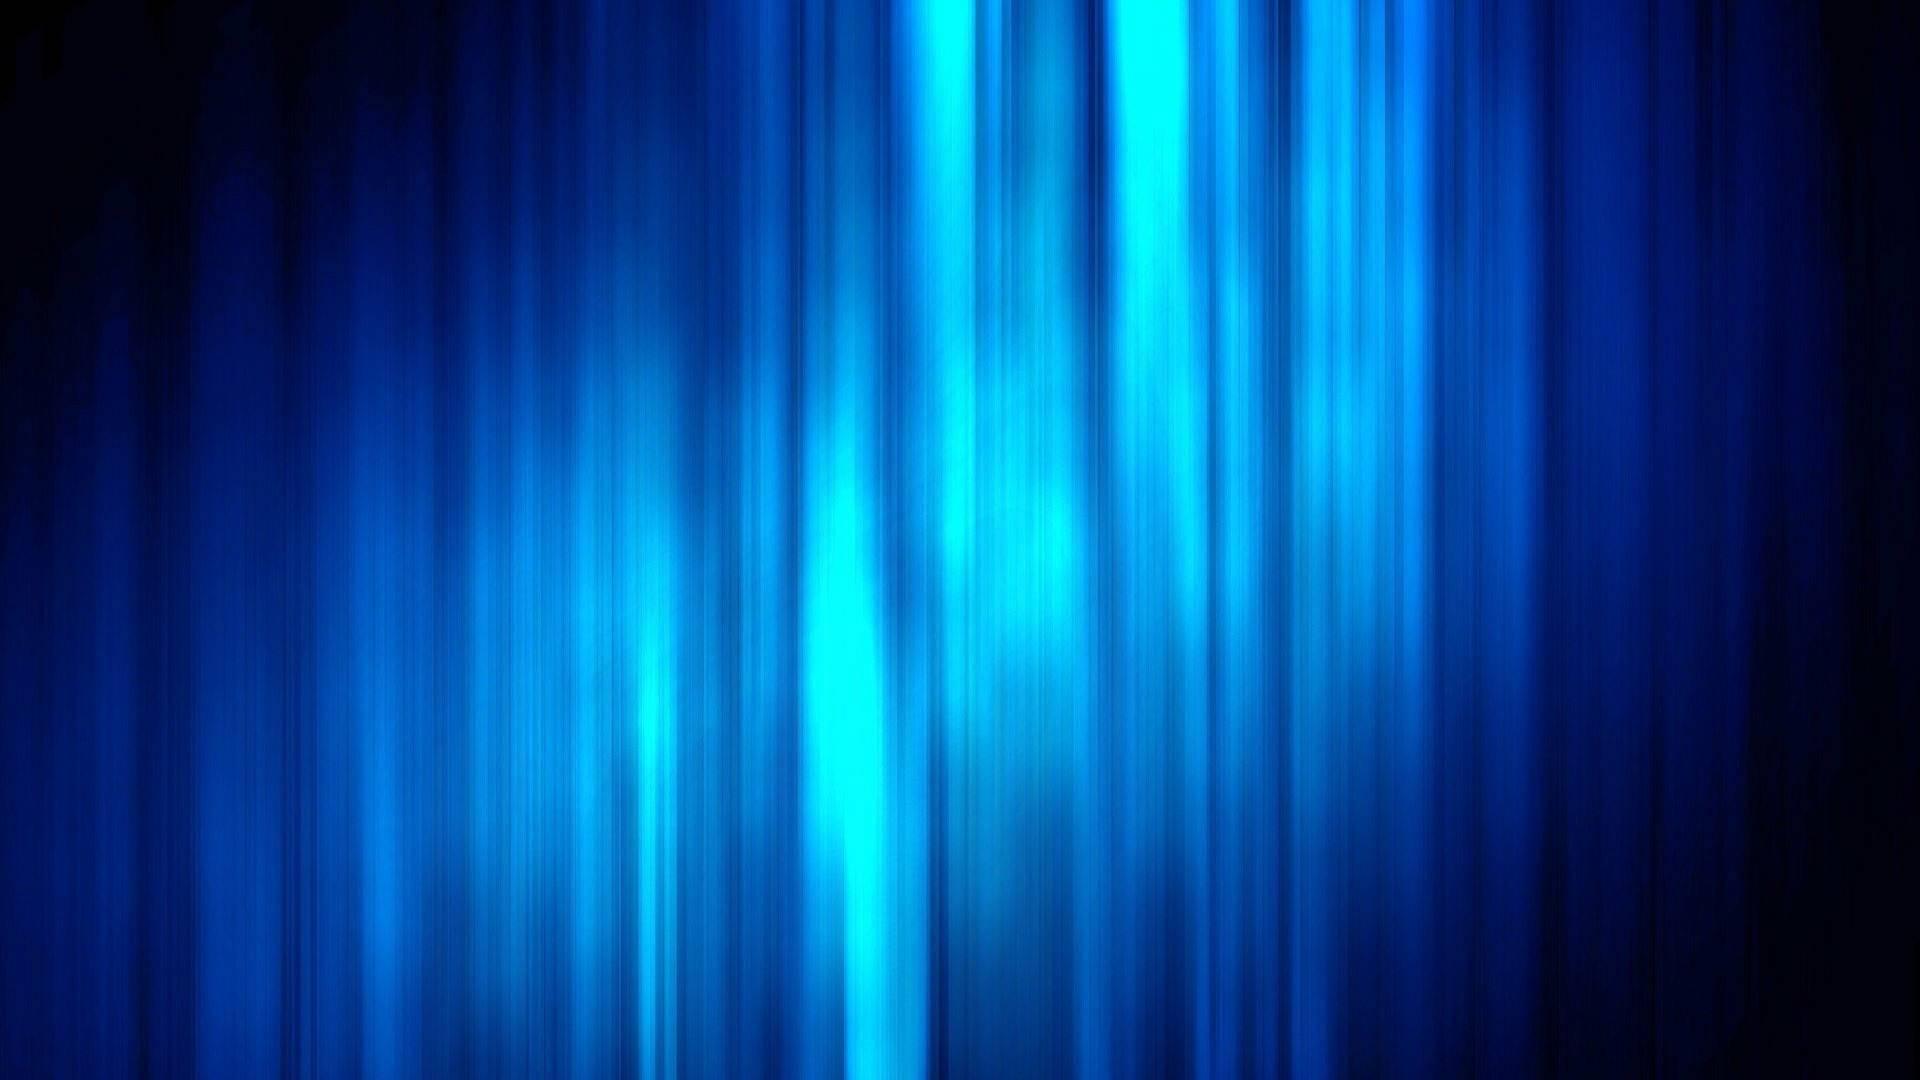 donkerblauwe abstracte wallpaper met - photo #45